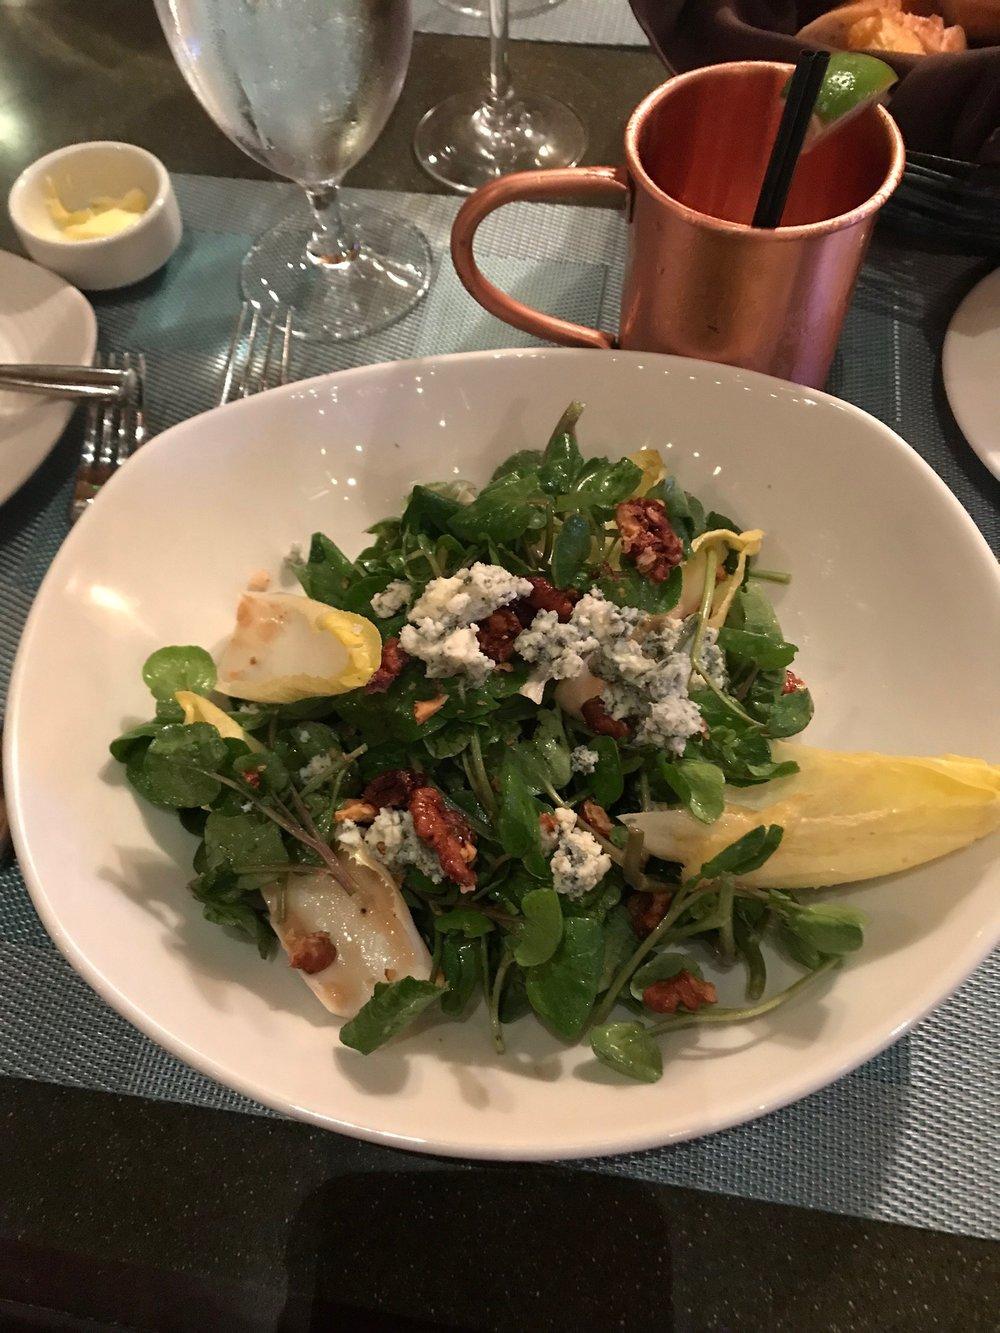 Endive Salad w Goat Cheese IMG_3220.jpg*.jpg